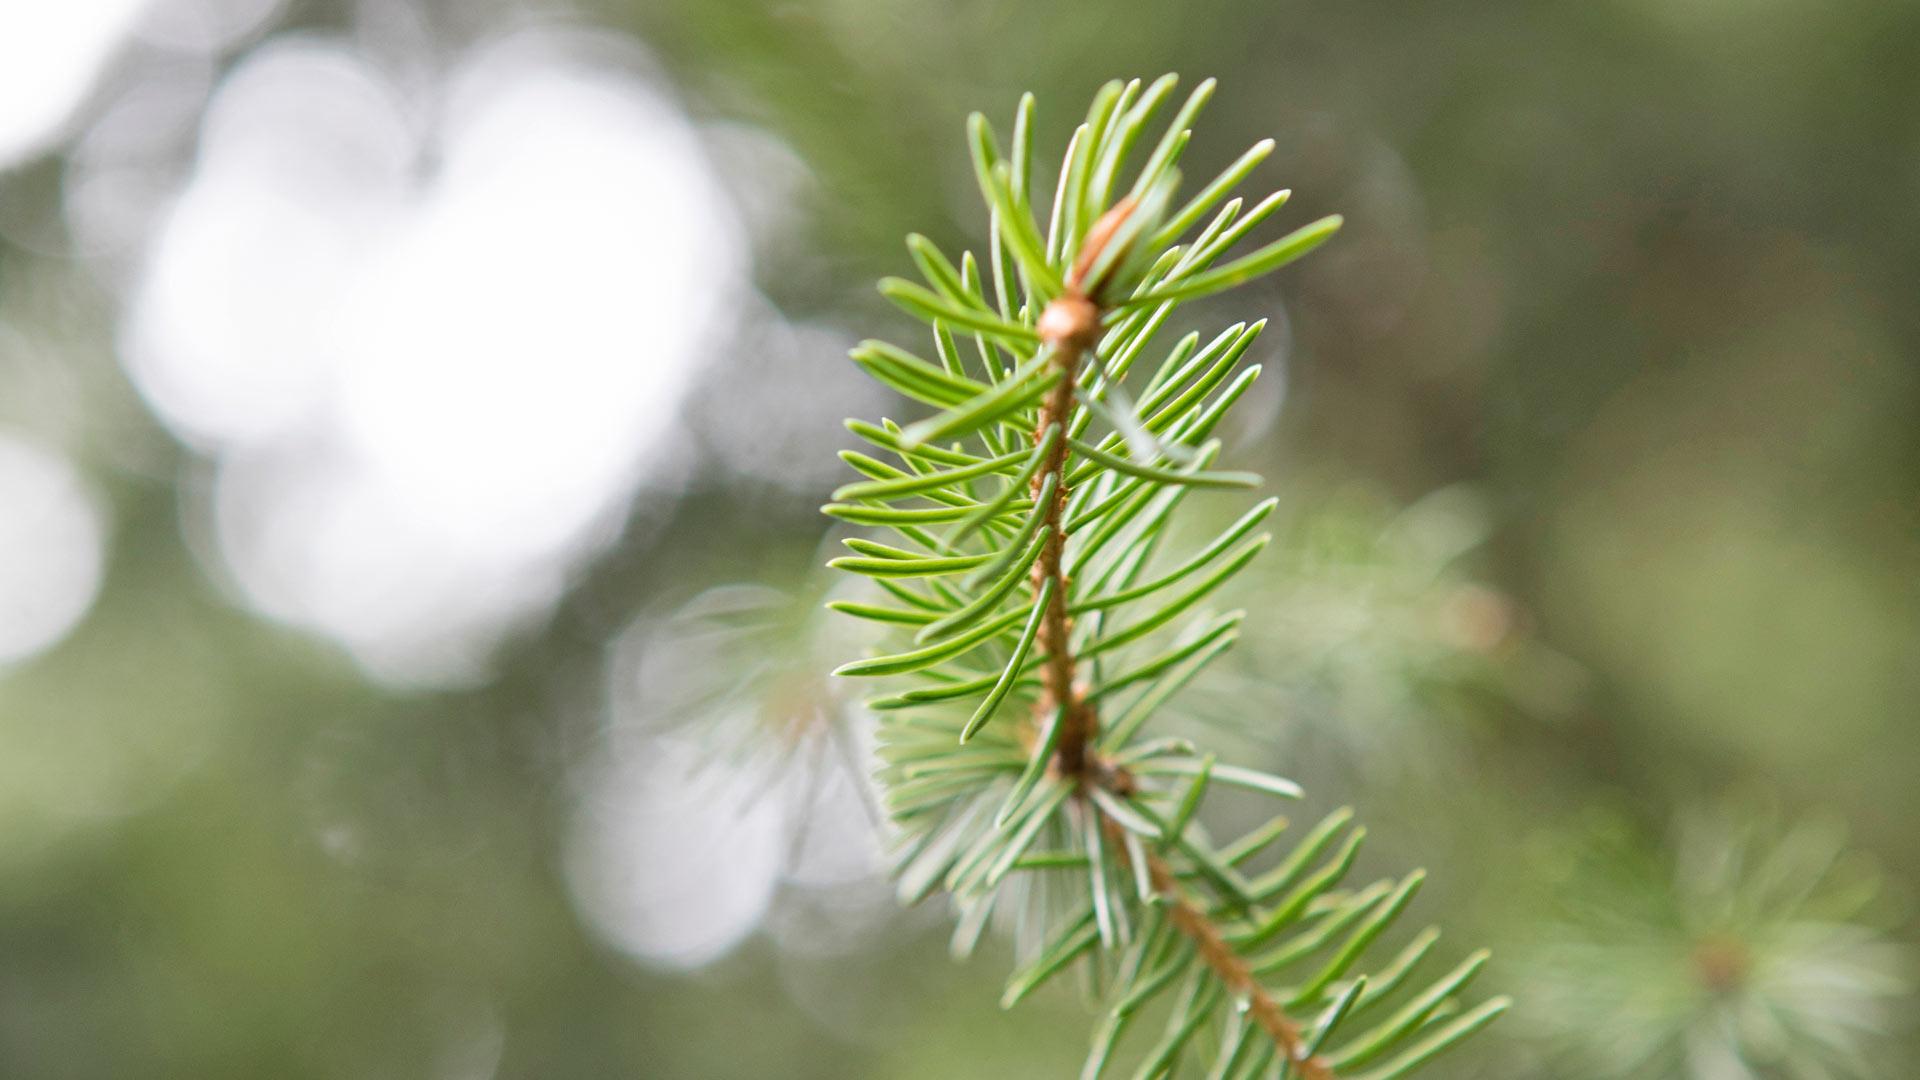 Metsien täyttämä Suomi on yllättäen hiilinielujen suurvalta.